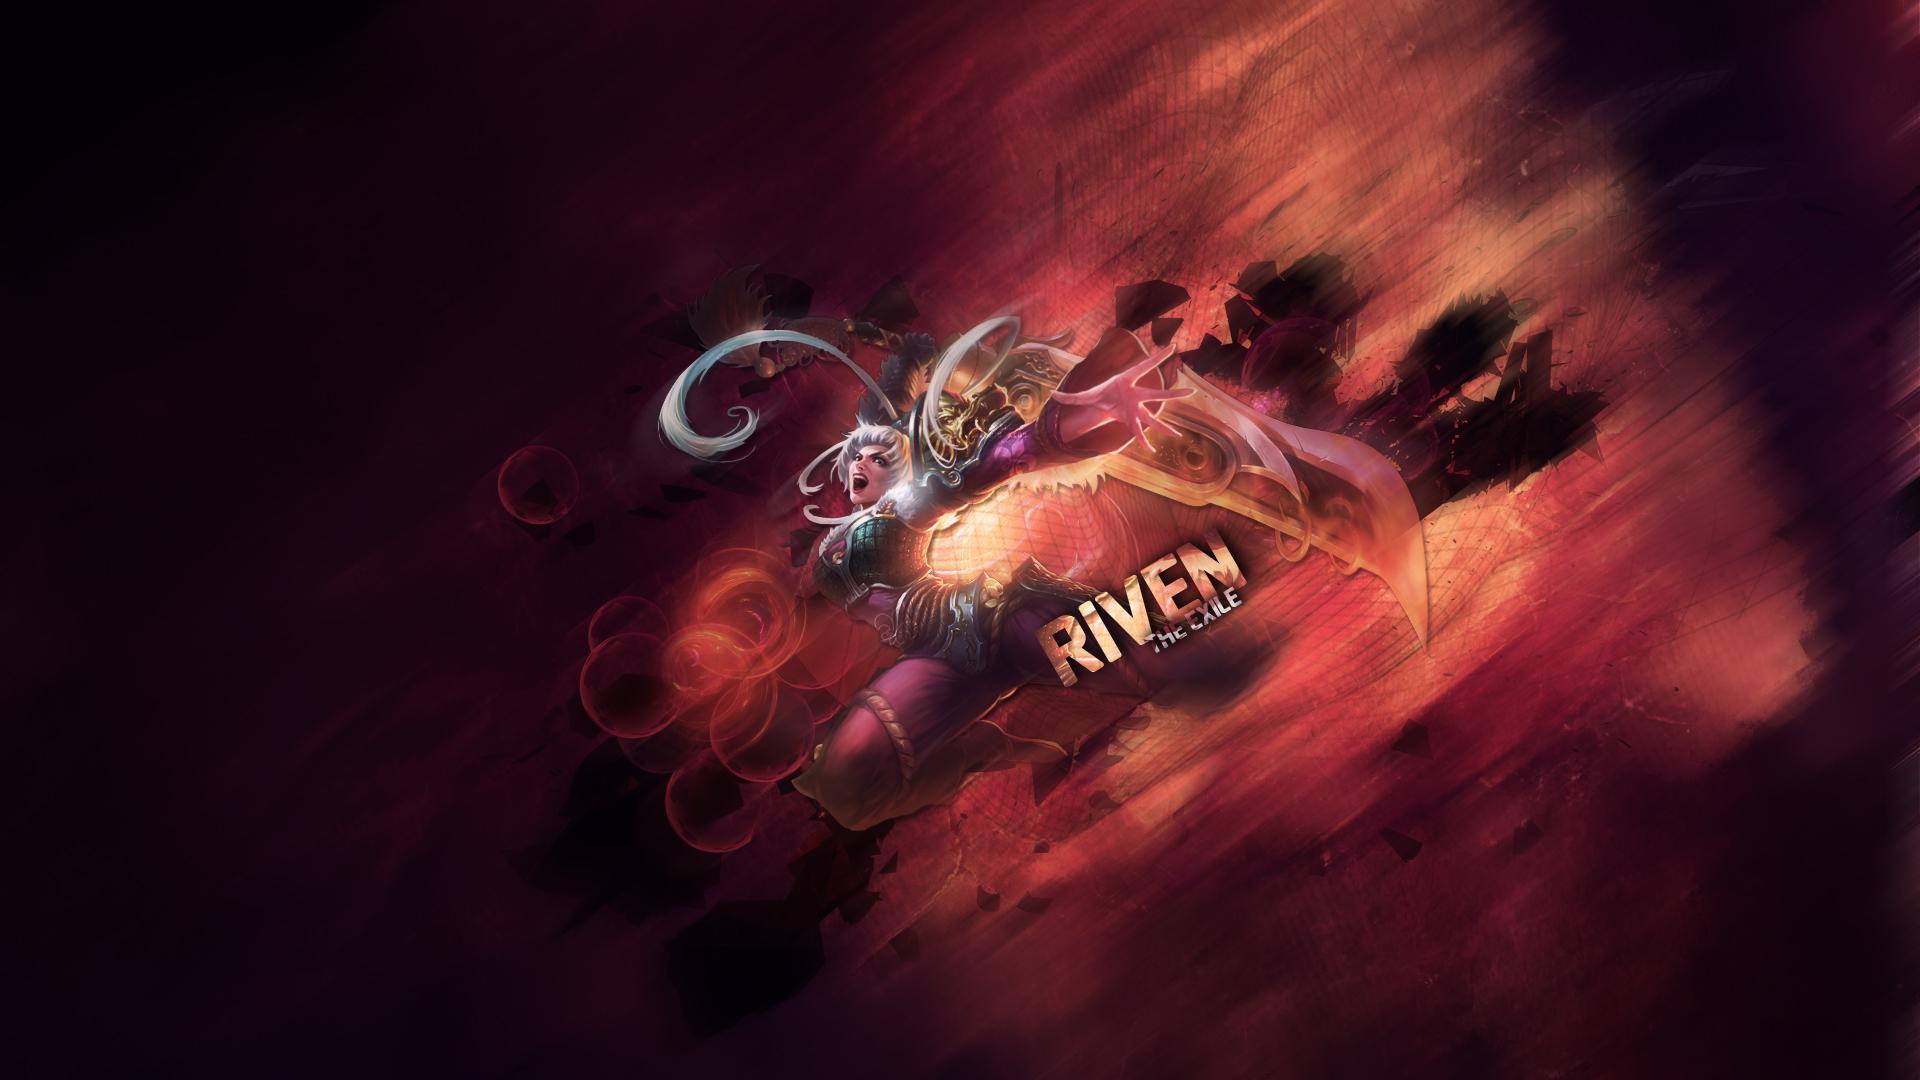 Wallpaper Riven Dragonblade 1920x1080 By Jfoltran